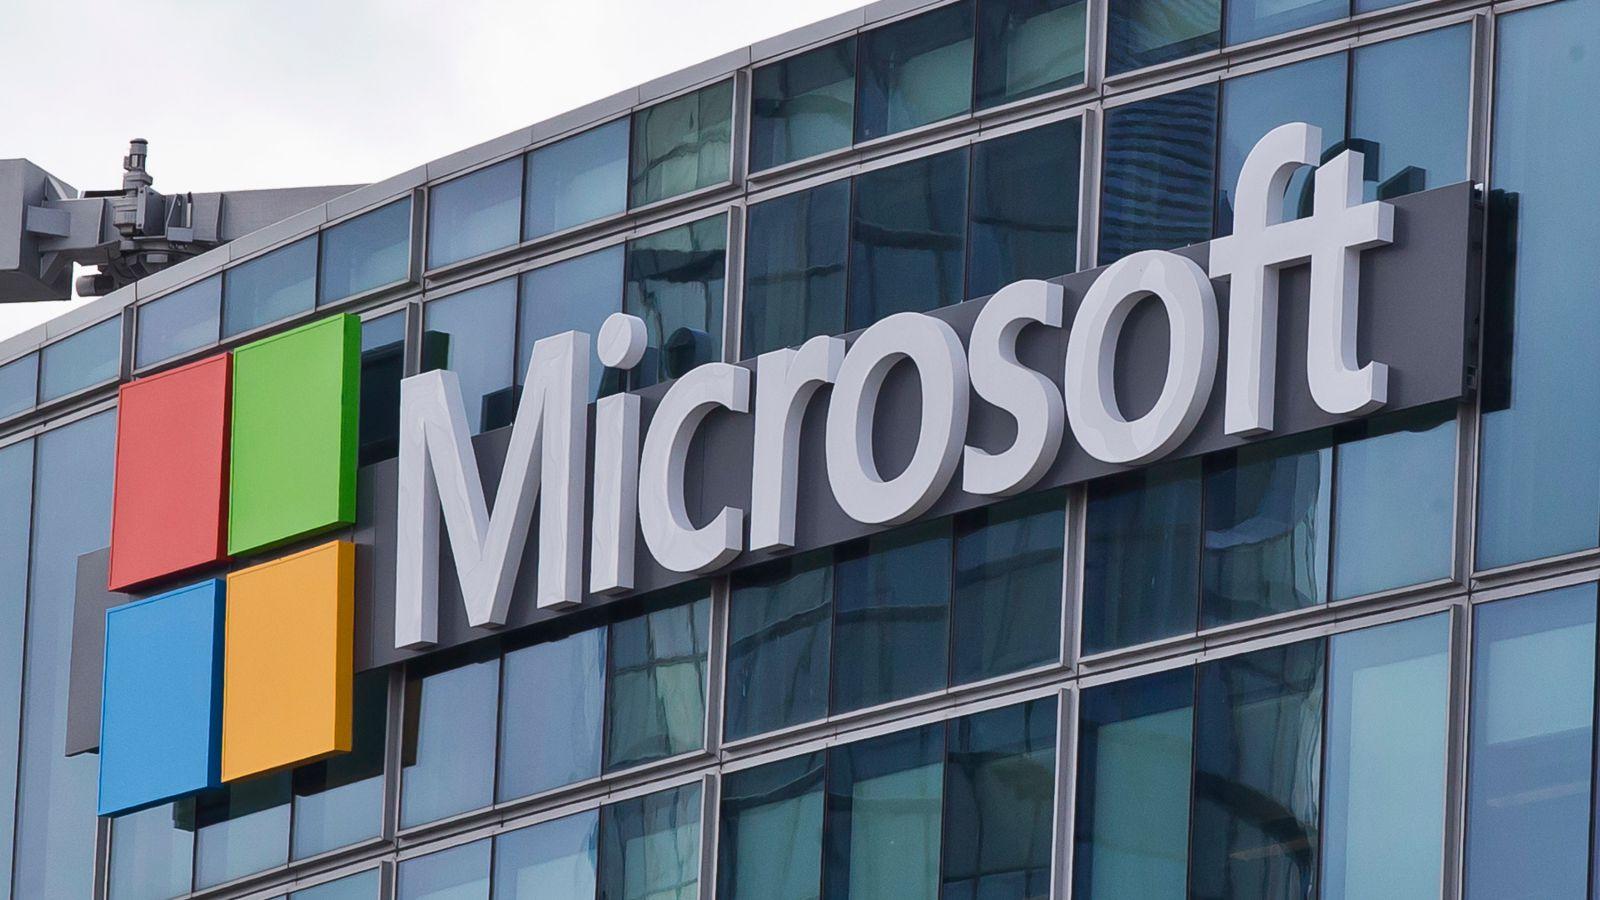 Microsoft vence batalha judicial e não terá de ceder dados à polícia dos EUA